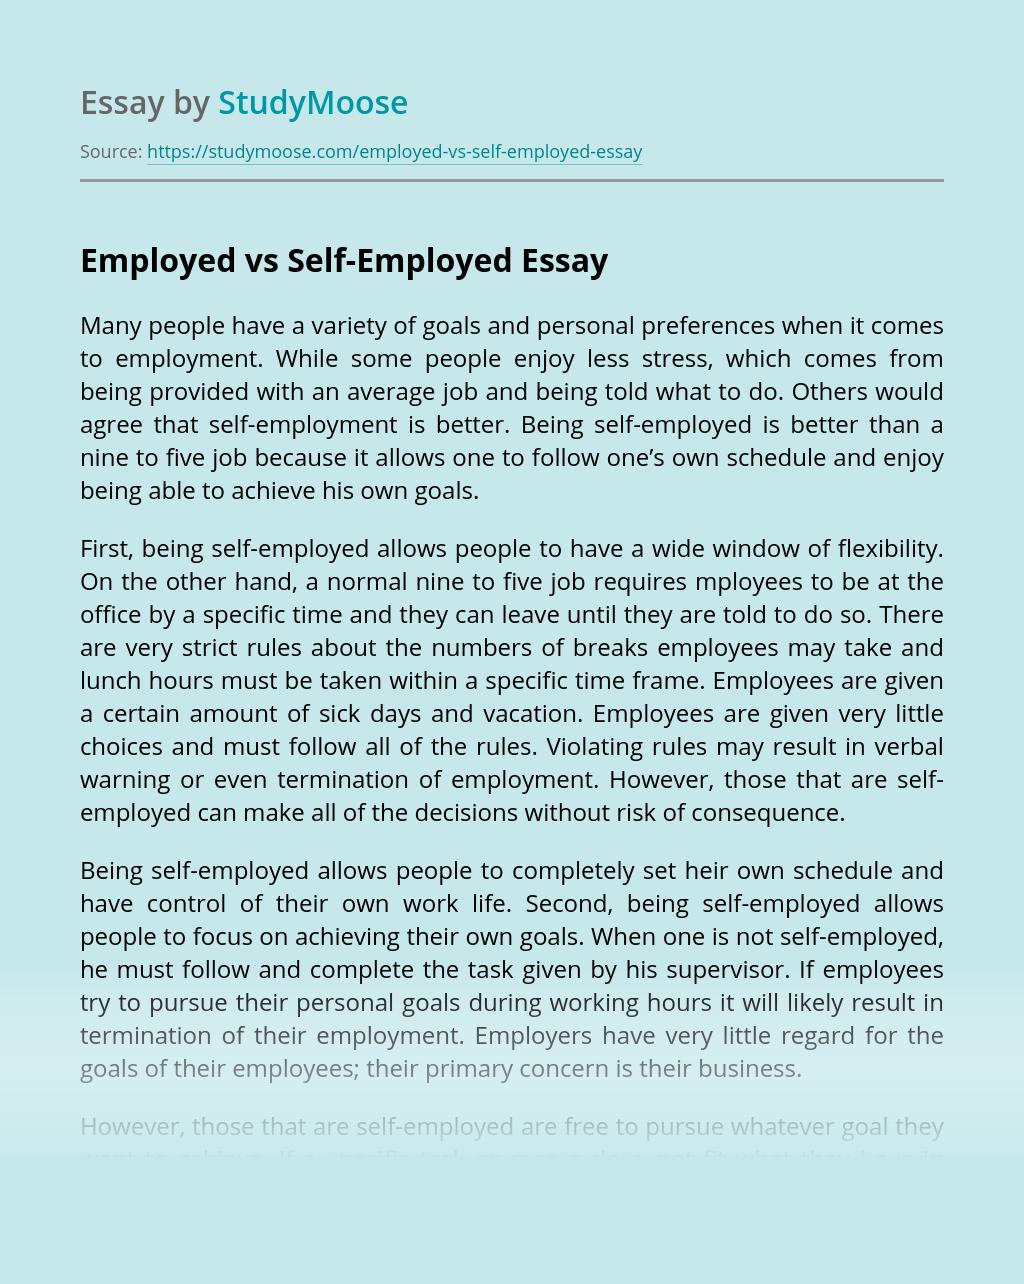 Employed vs Self-Employed